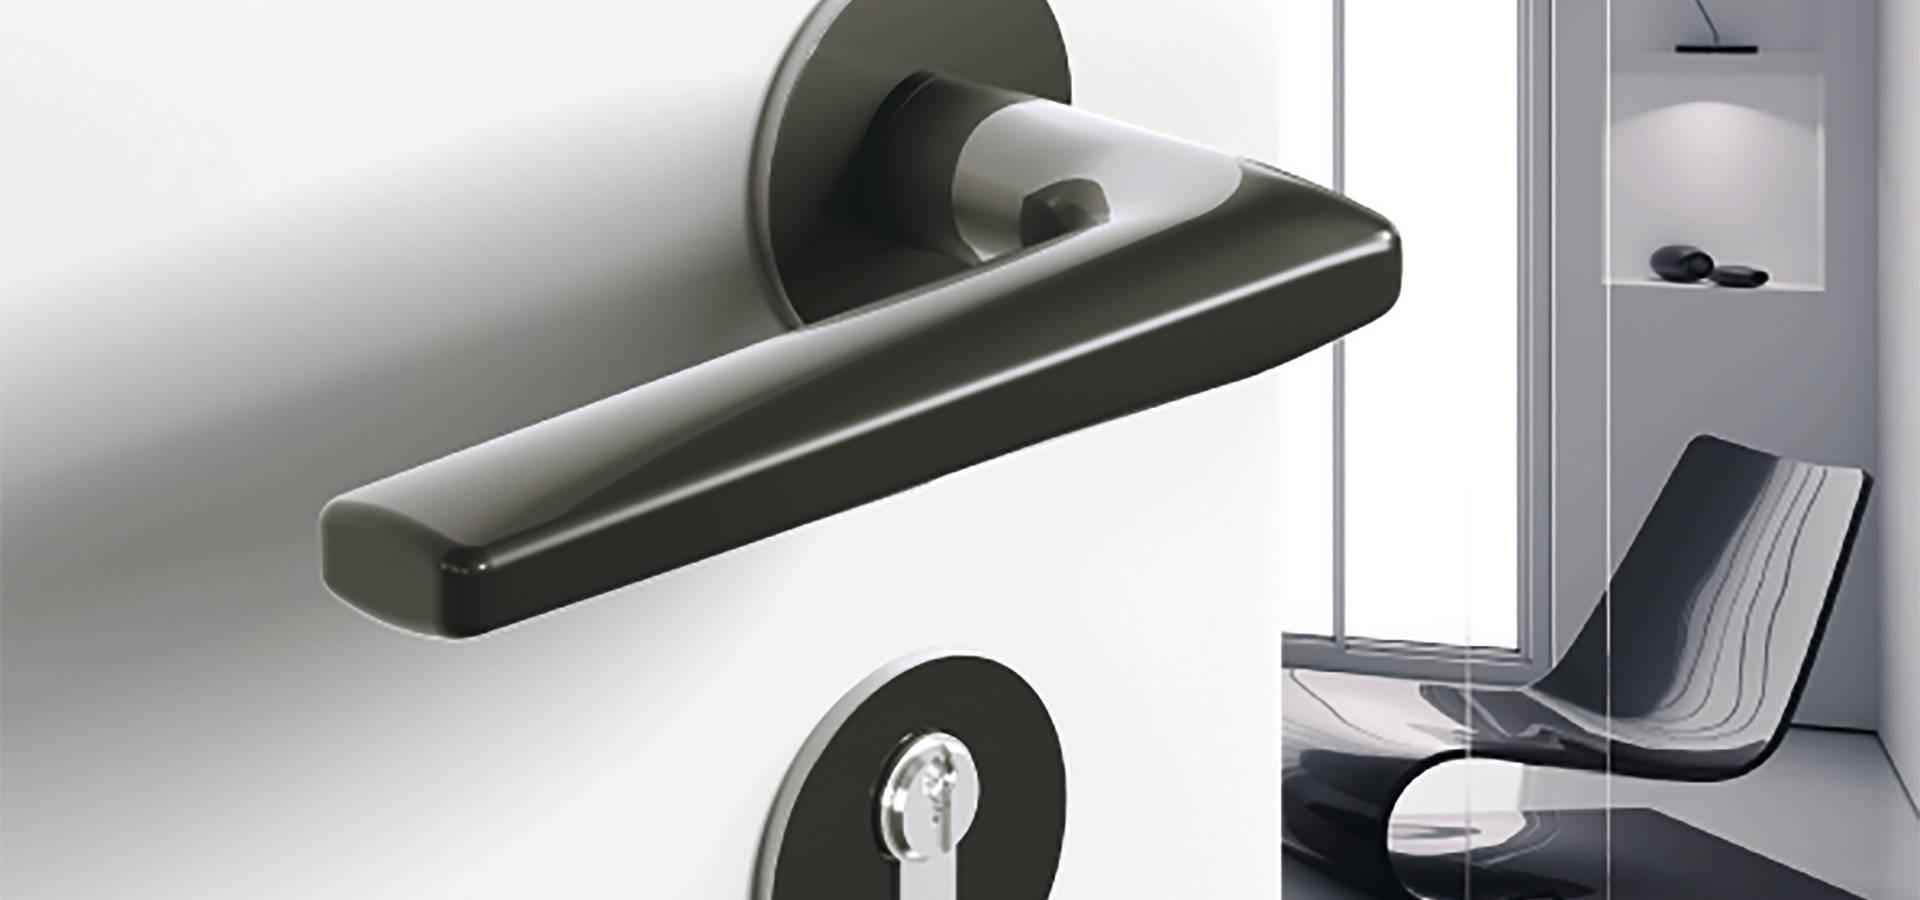 hewi sanit r system 800 k von hewi heinrich wilke gmbh. Black Bedroom Furniture Sets. Home Design Ideas